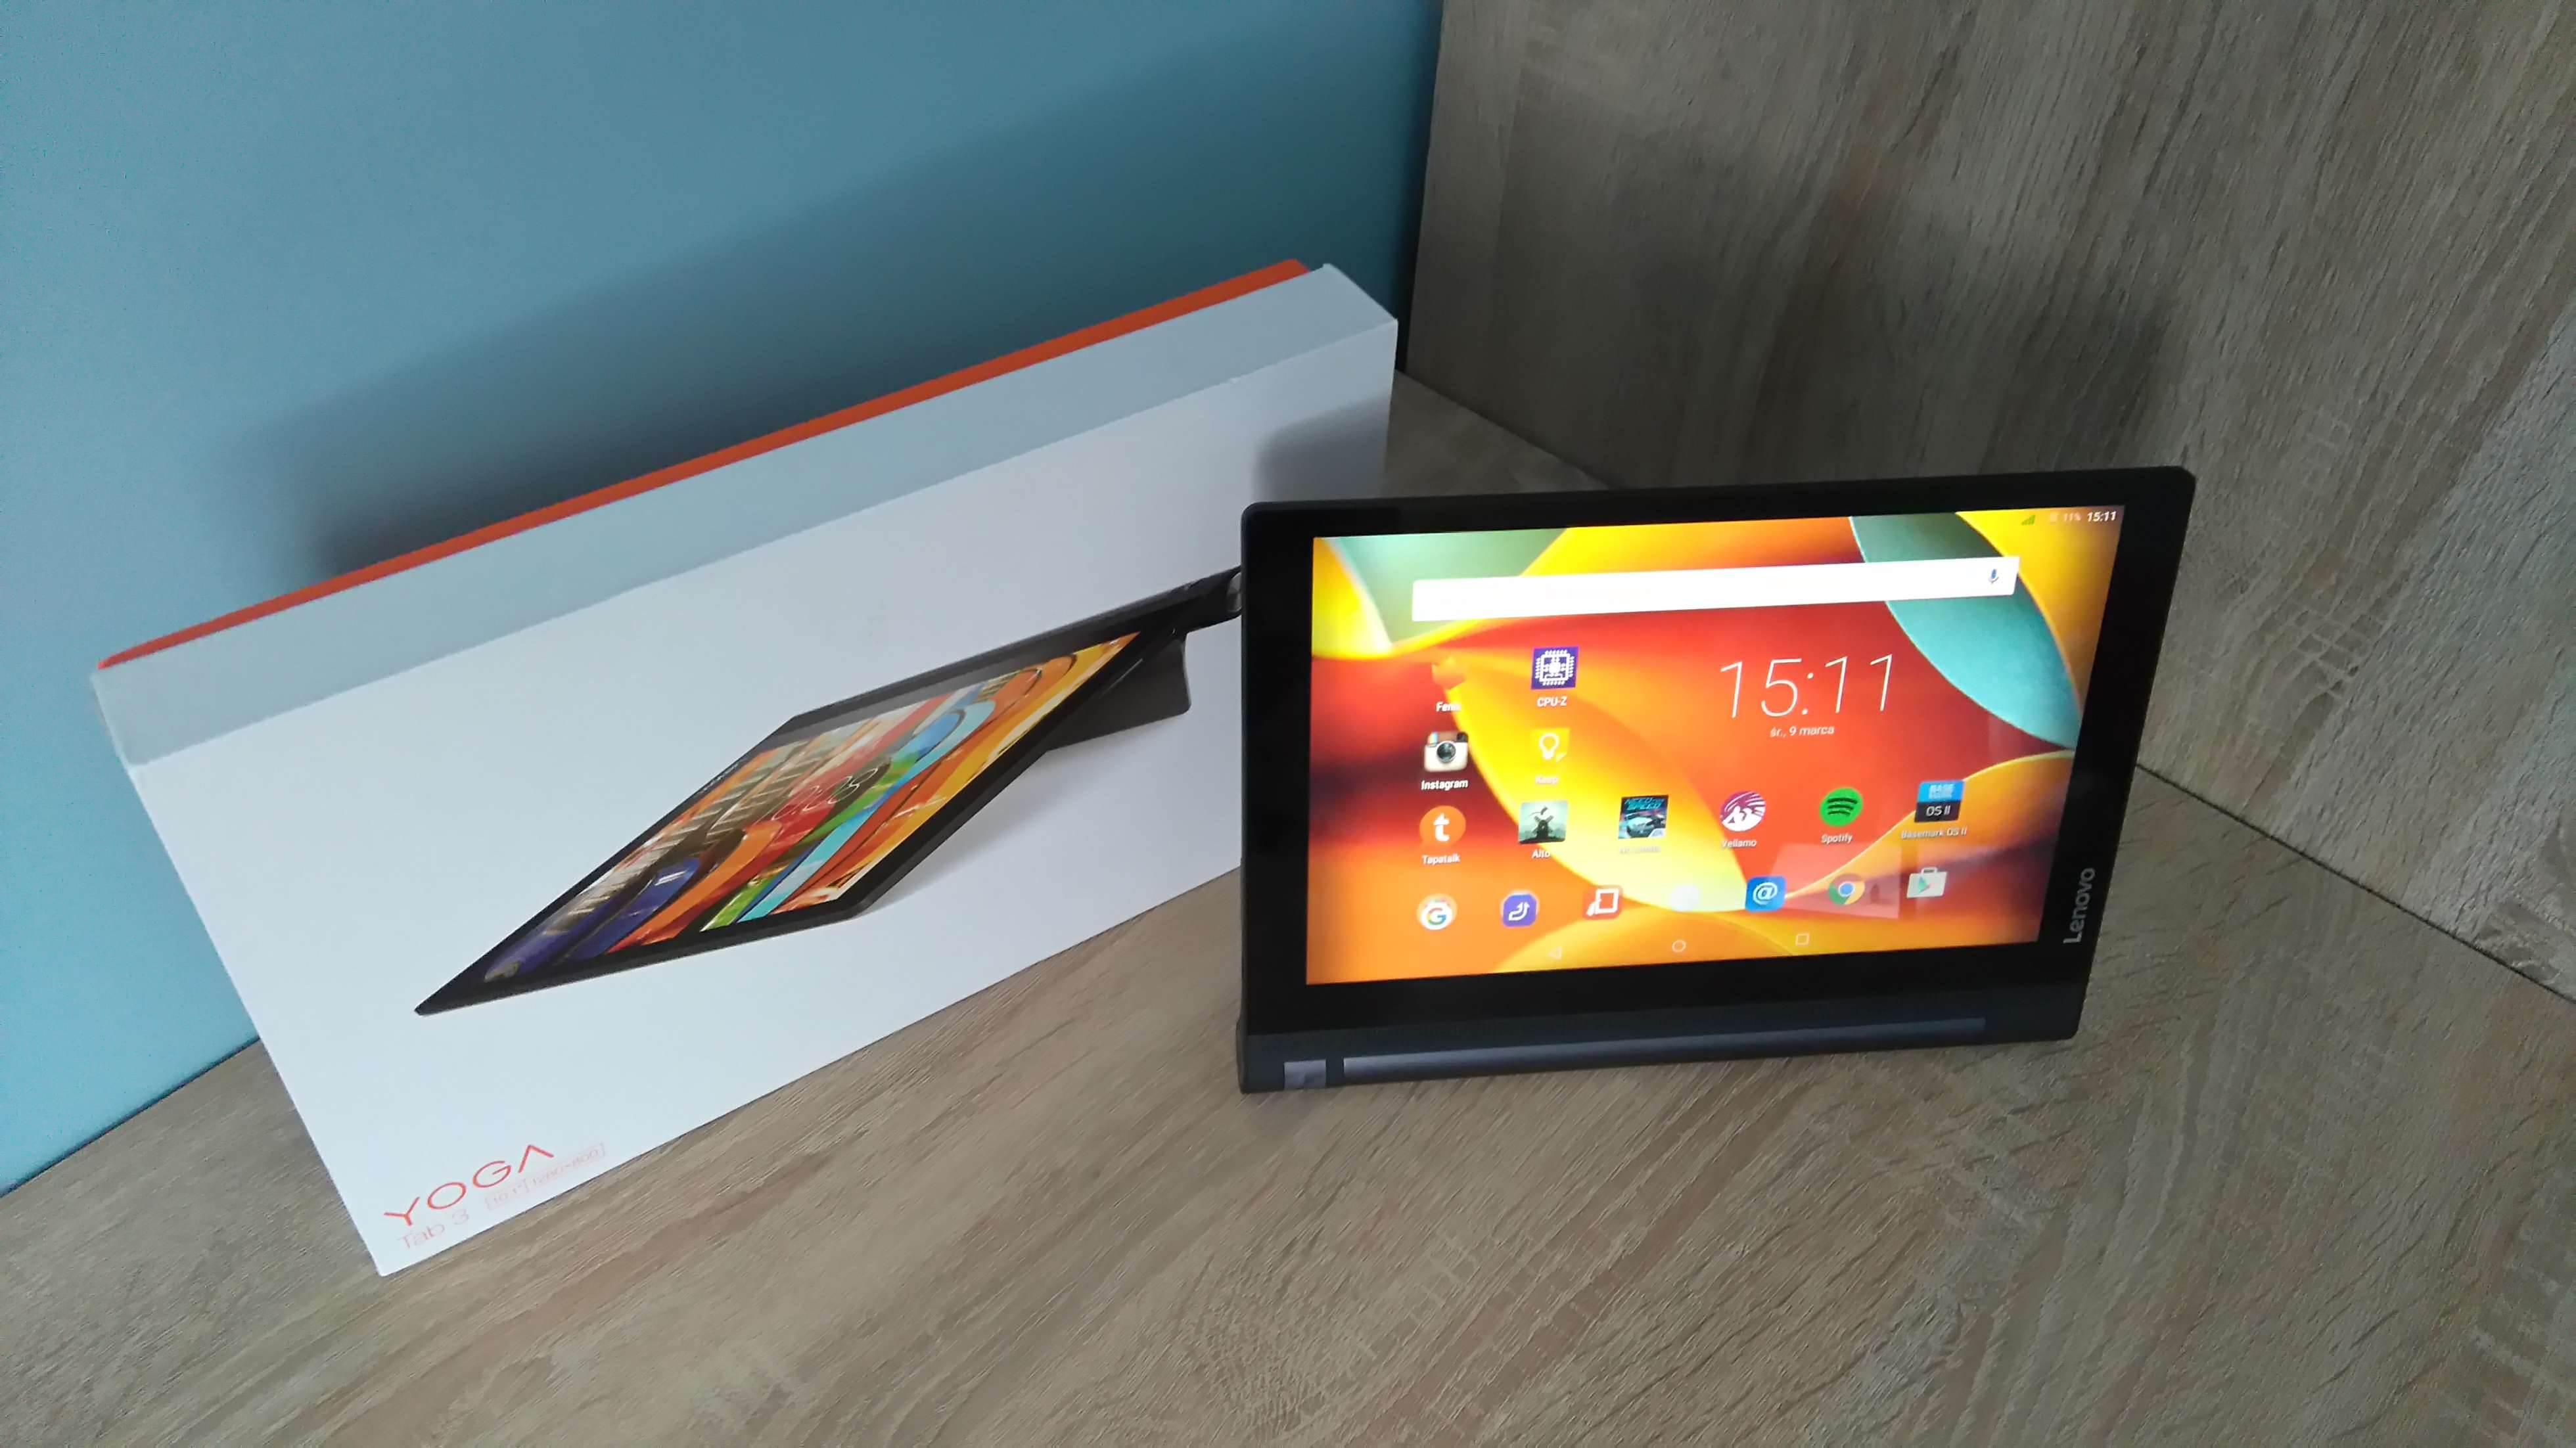 Lenovo Yoga Tab 3 LTE - recenzja urządzenia recenzje, polecane zalety, yoga tab 3, wady, Tablet, polska recenzja Lenovo Yoga Tab 3 LTE, polska recenzja, Lenovo Yoga Tab 3 LTE, lenovo, jak działa Lenovo Yoga Tab 3 LTE, czy warto kupić Lenovo Yoga Tab 3 LTE, cena Lenovo Yoga Tab 3 LTE  Nie ma się co oszukiwać, większość obecnie dostępnych tabletów wygląda niemal tak samo i różnią je od siebie drobne szczegóły wprowadzane do wzornictwa z generacji na generację, ale jednym z odmiennych modeli jest bez wątpienia seria tabletów Yoga, wprowadzona na rynek mobilny przez Lenovo. Czy przednie głośniki stereo i fabrycznie zamontowany stojak wystarczy, aby przykuć uwagę potencjalnego nabywcy? DSC 0010 2